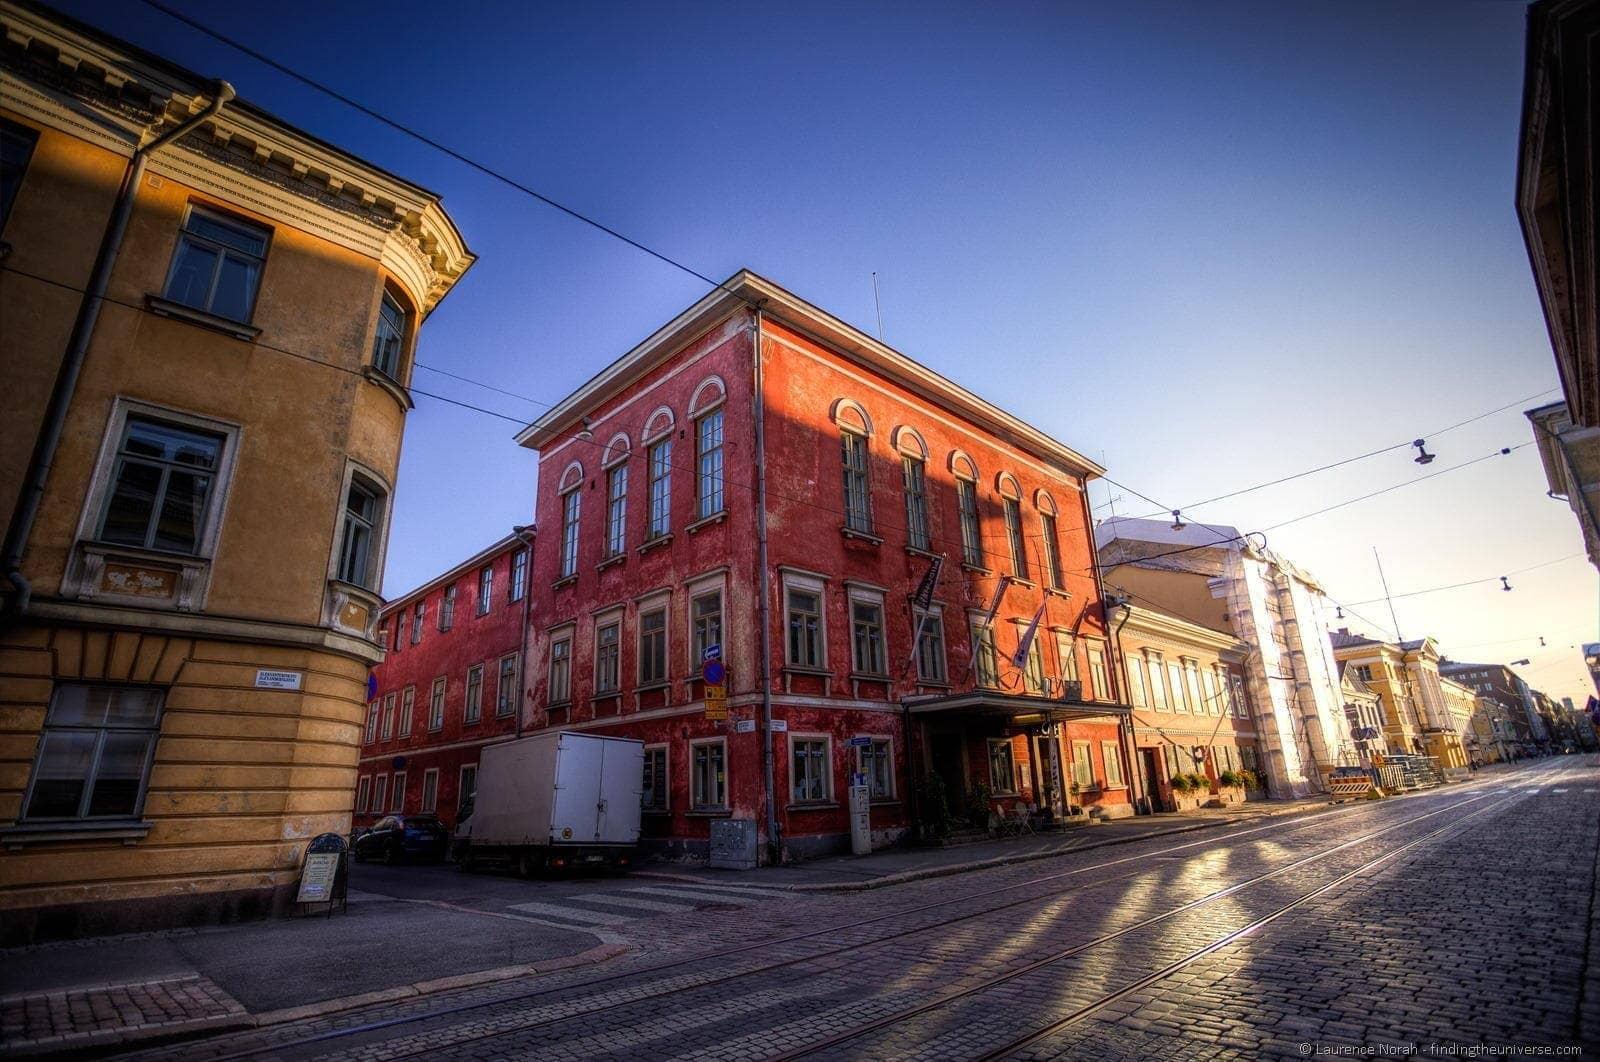 helsinki street sunset tram tracks red house